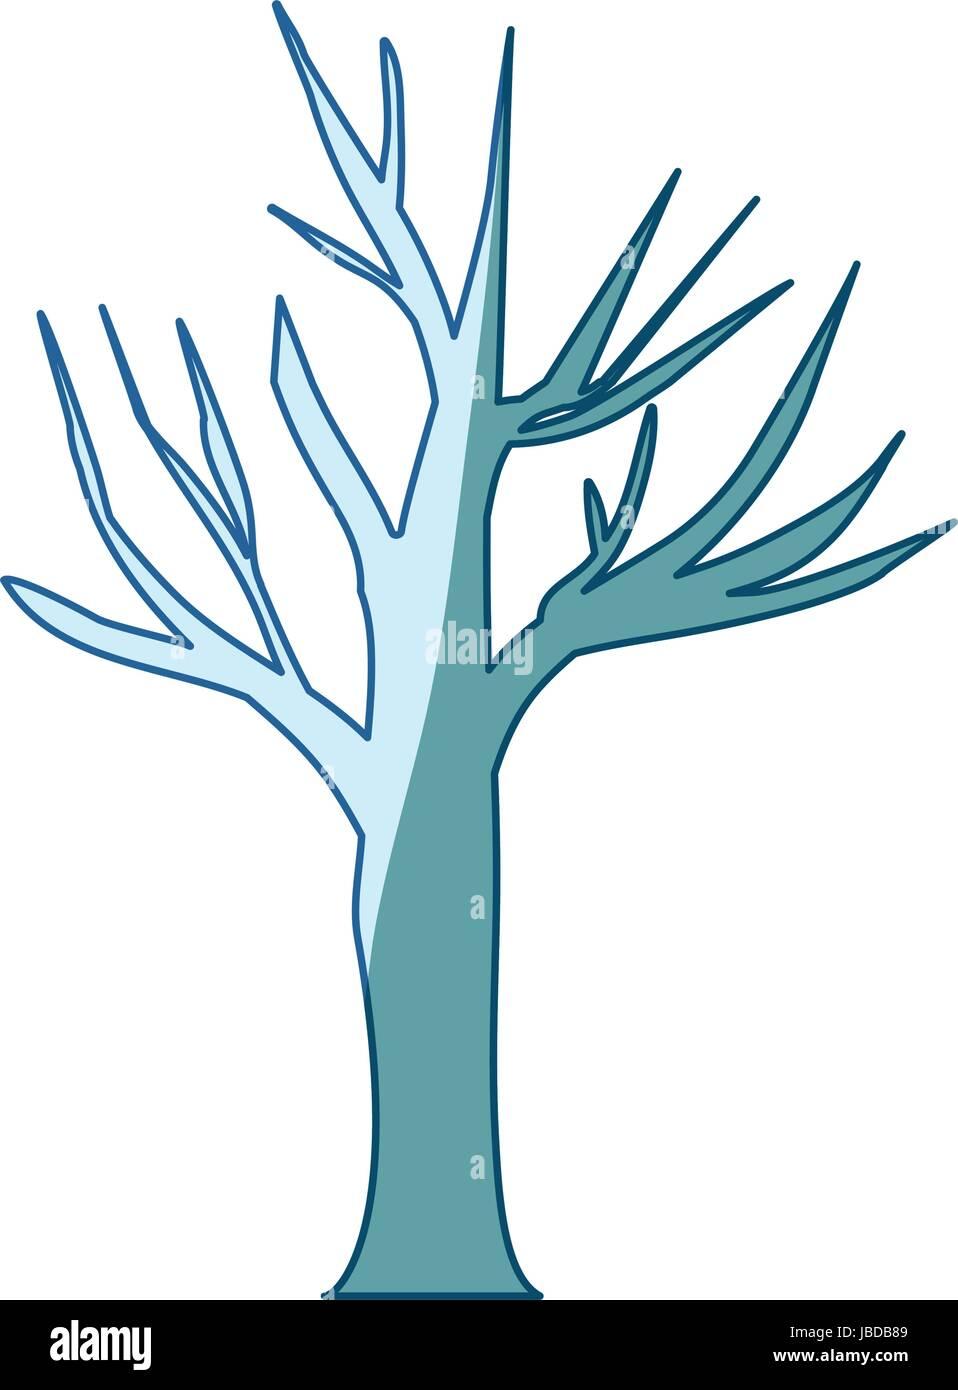 Silhouette Old Dry Tree Stockfotos & Silhouette Old Dry Tree Bilder ...